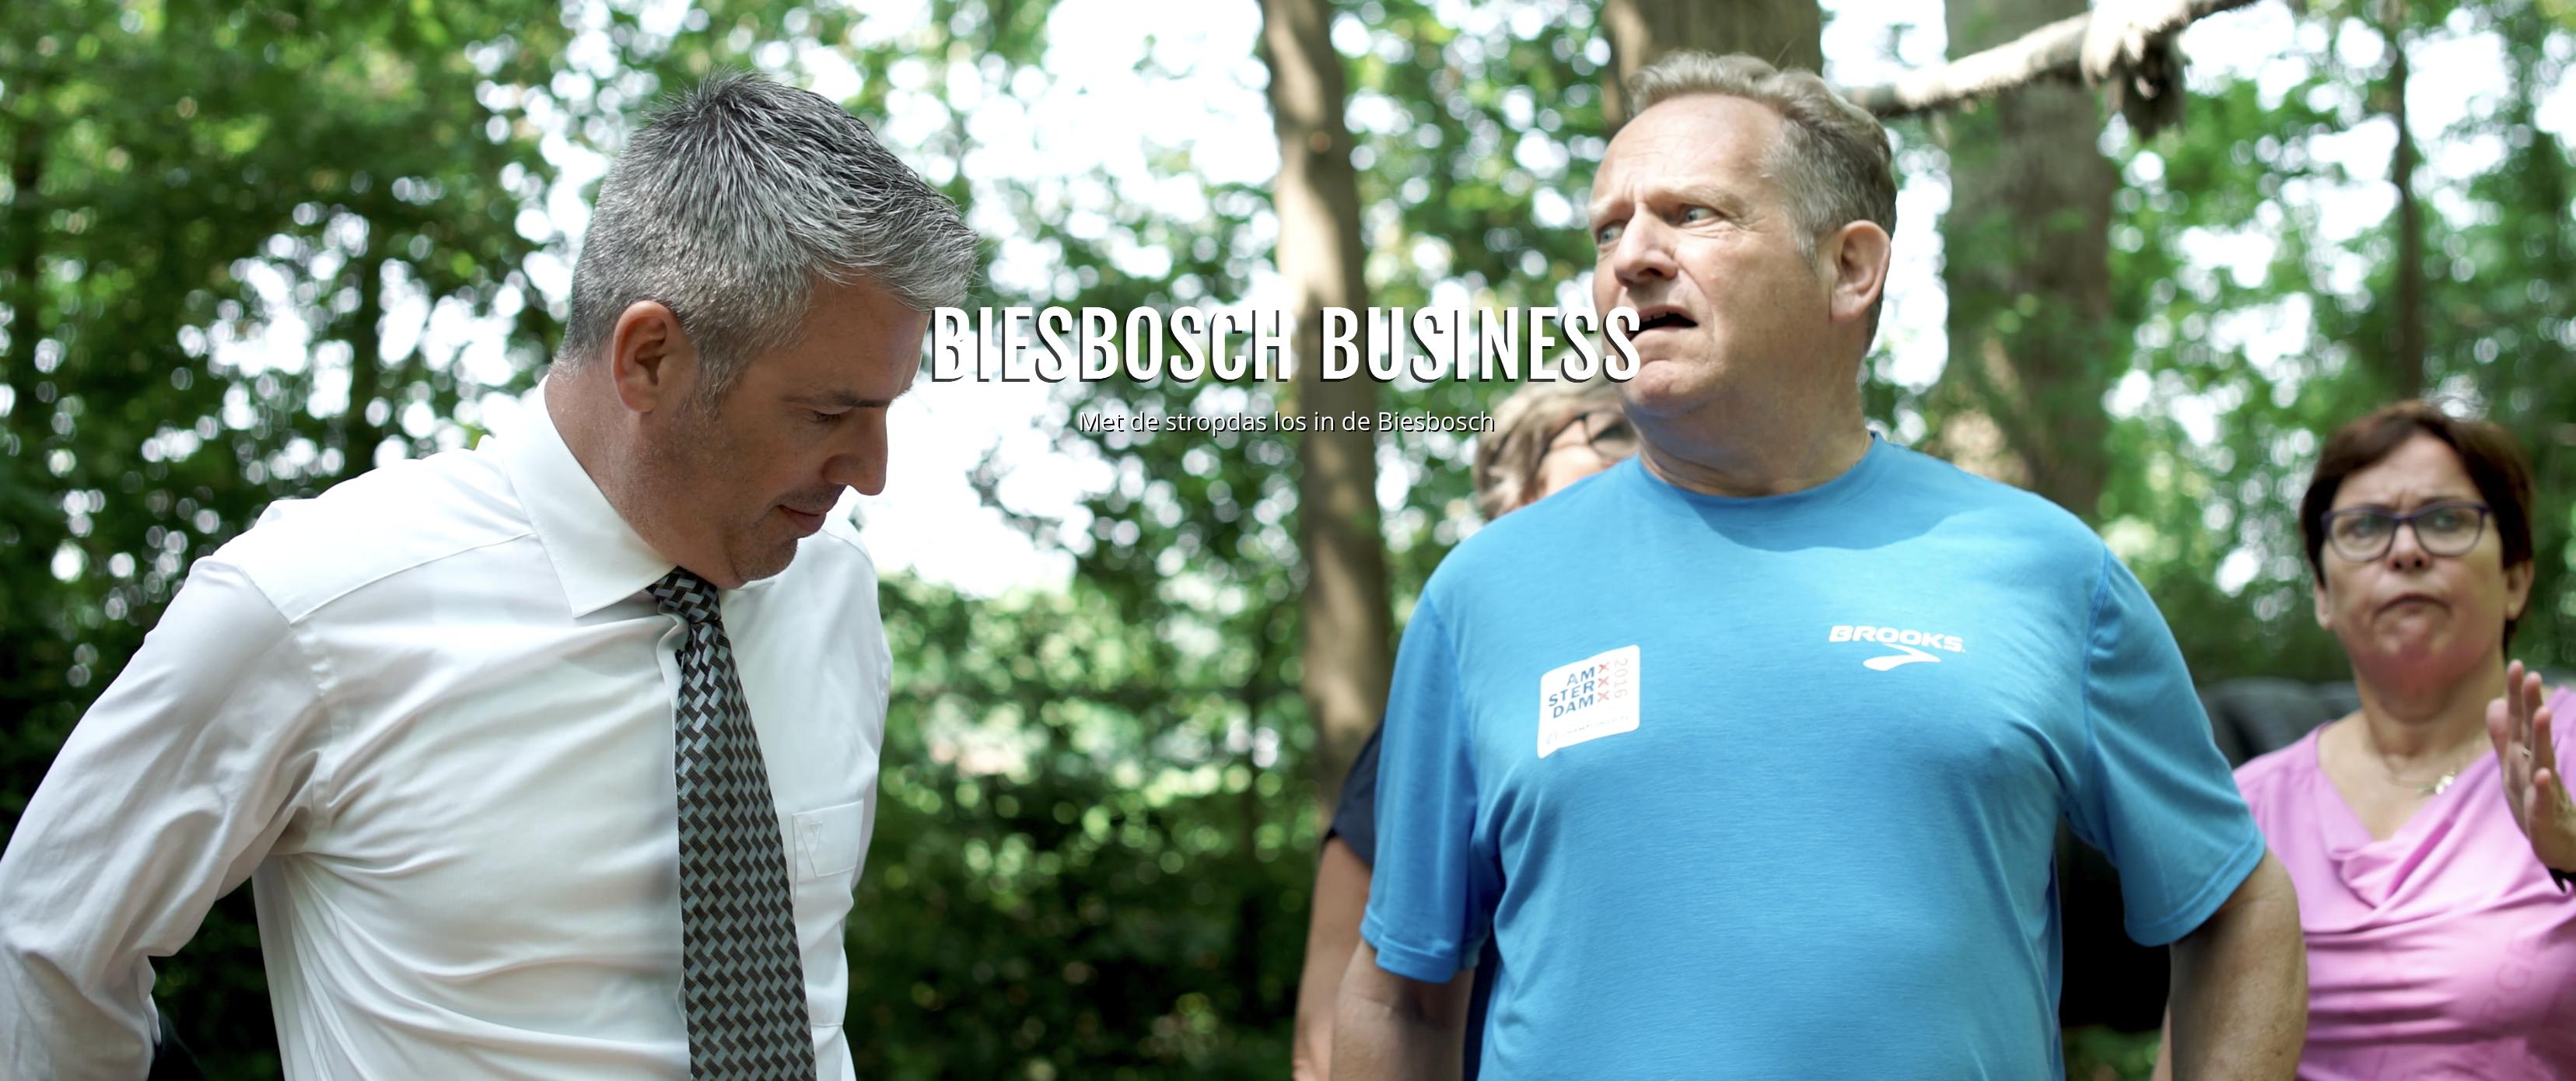 Biesbosch Business